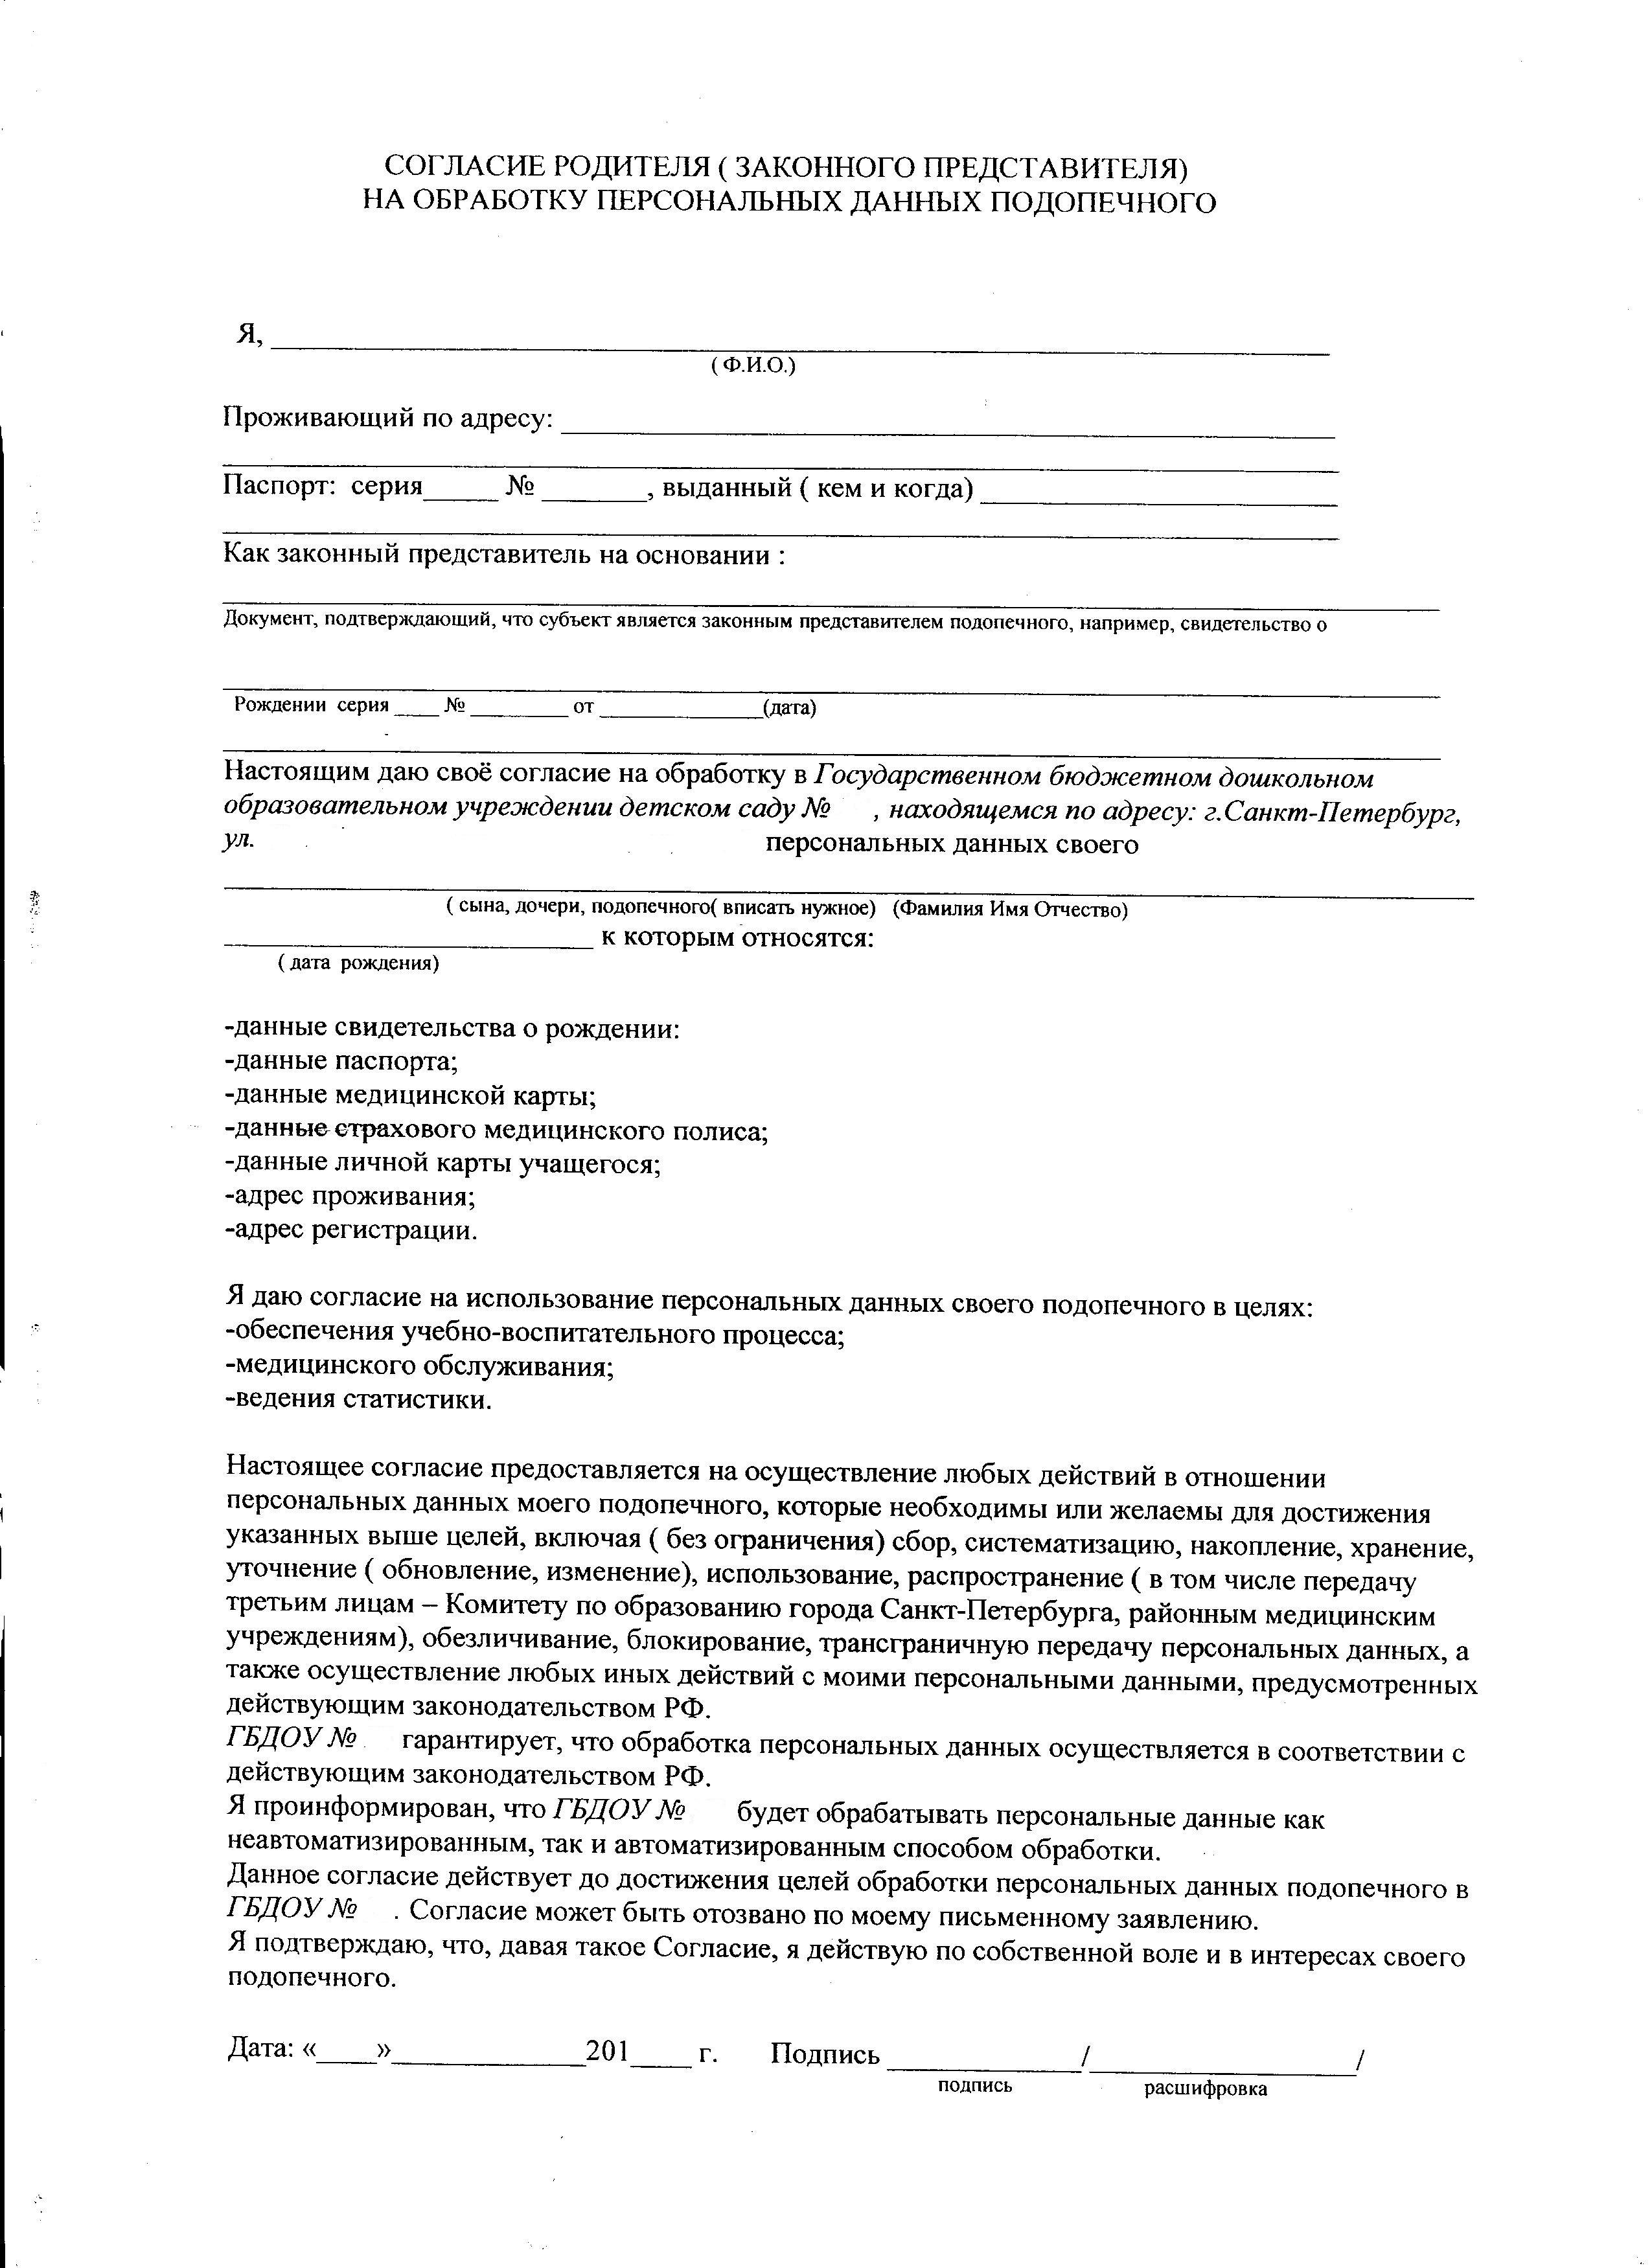 соглашение о передаче персональных данных образец